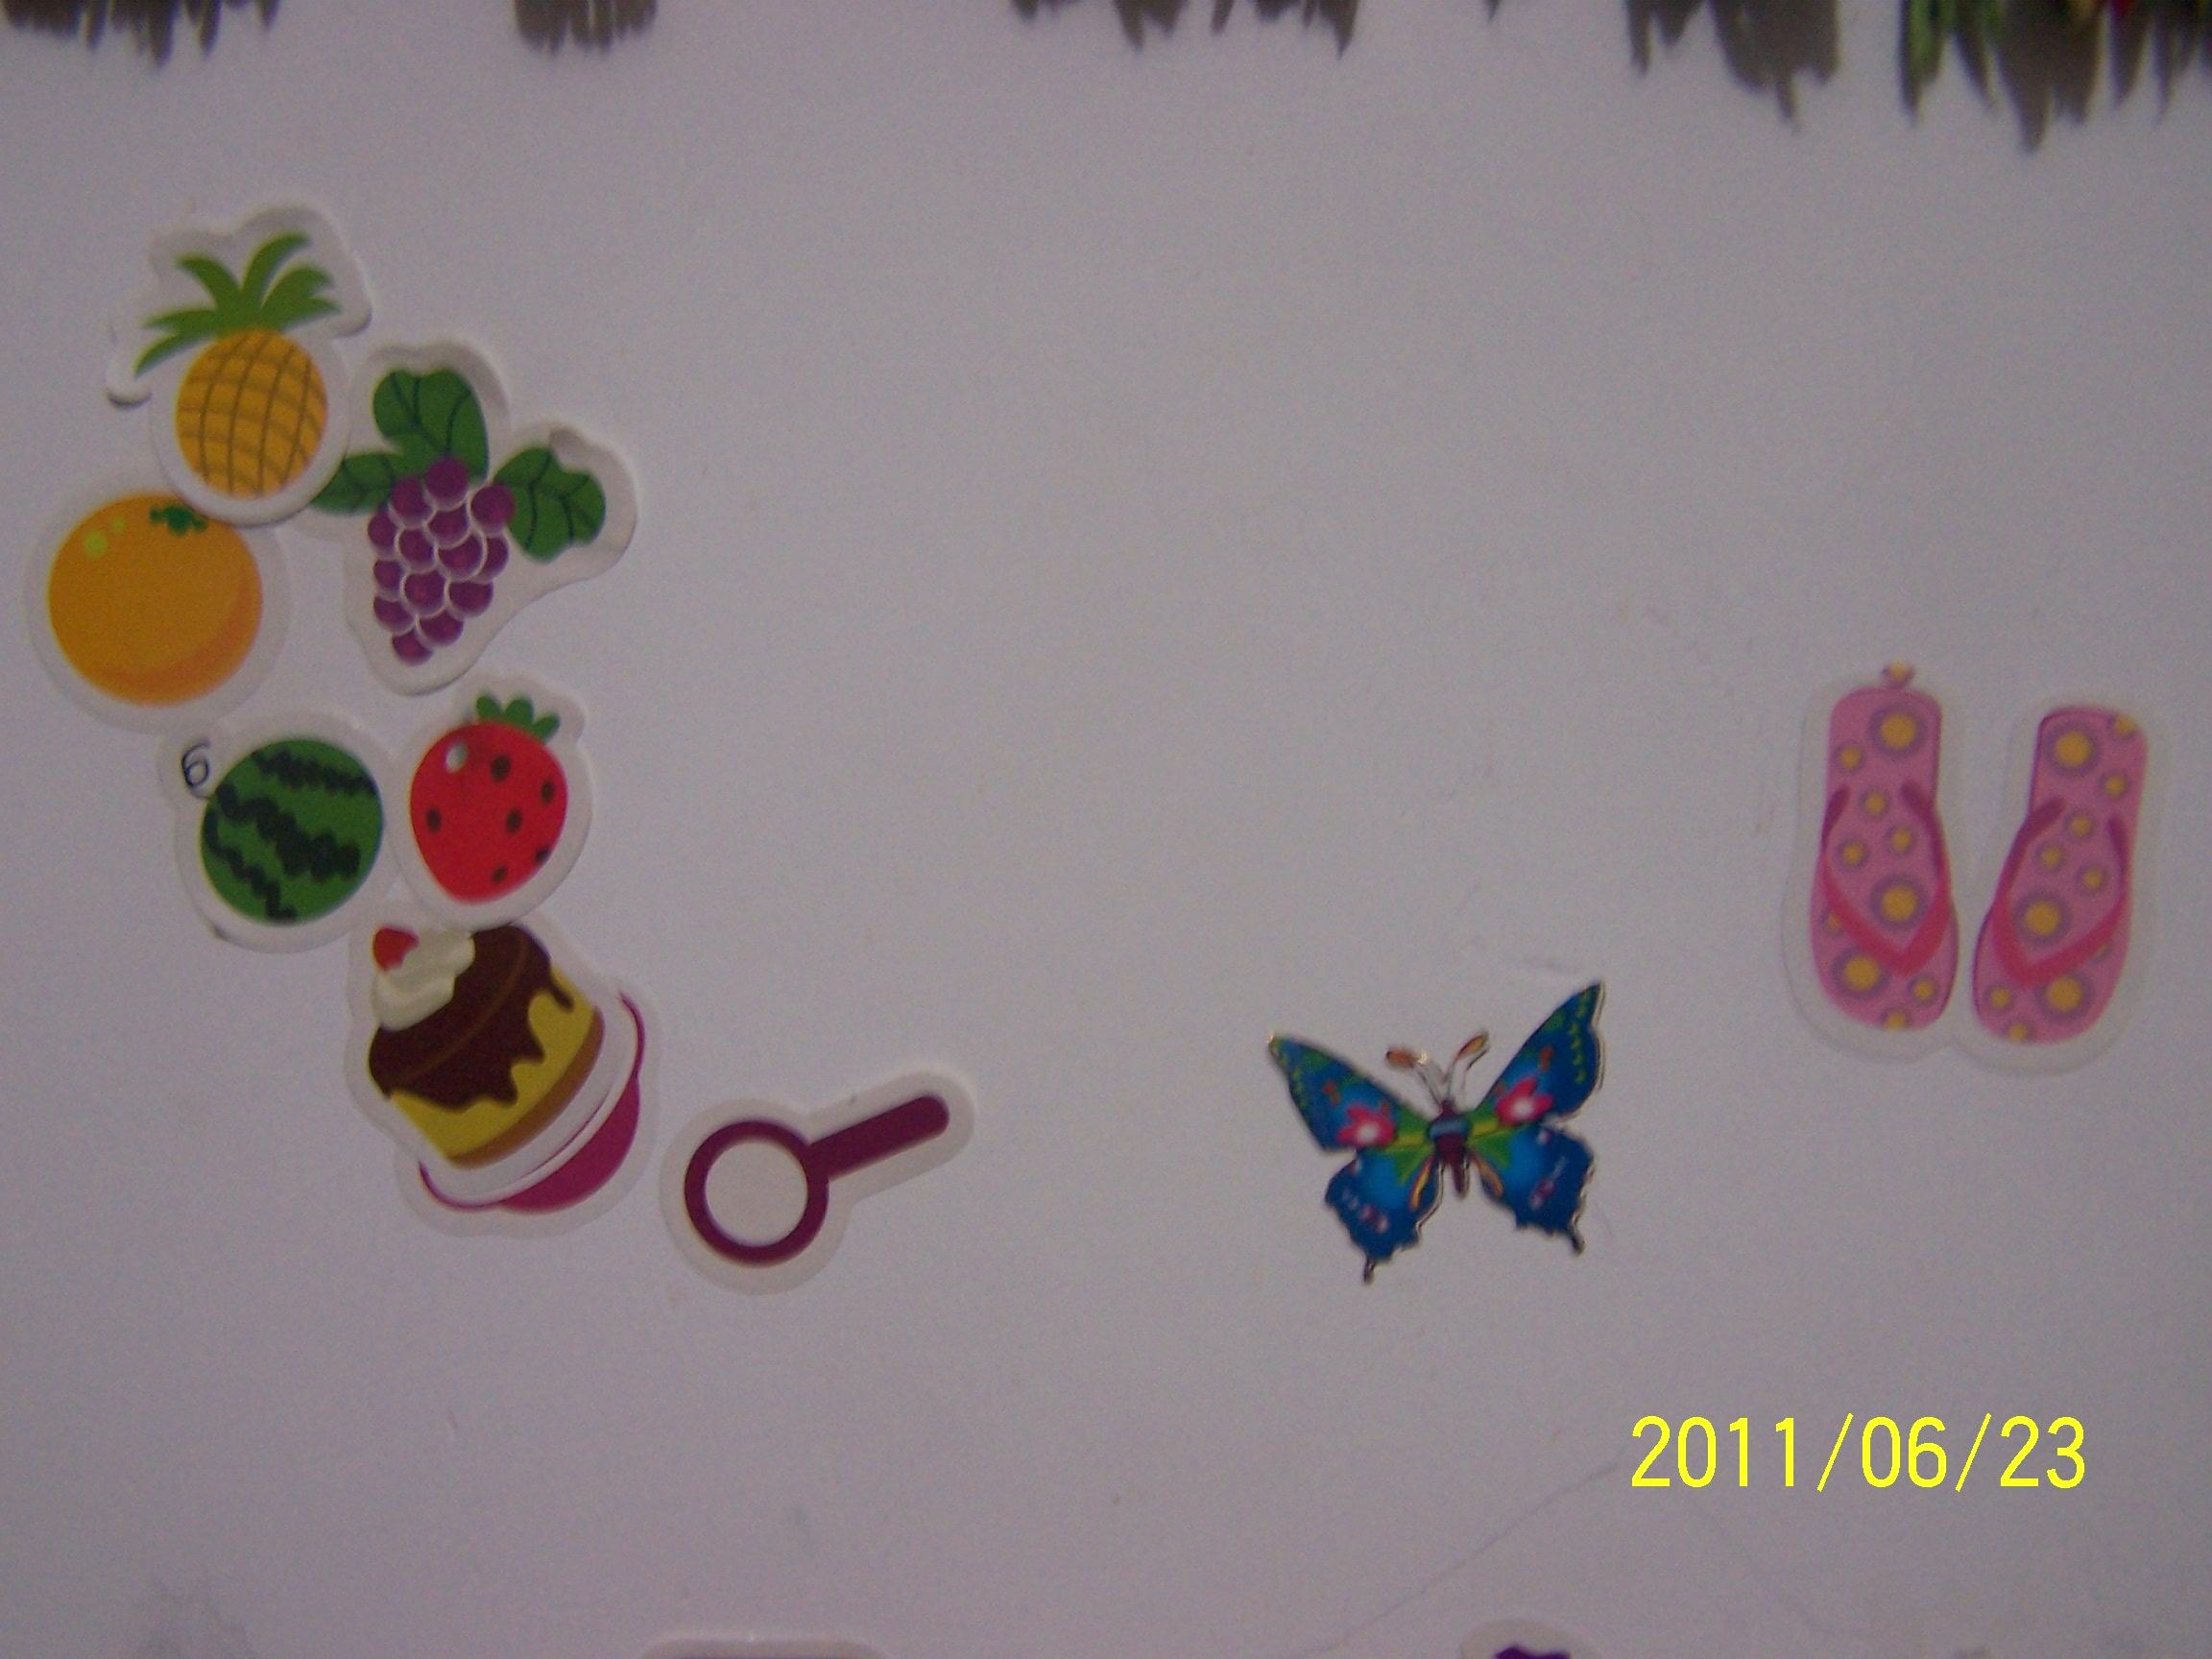 水果纸团贴画作品